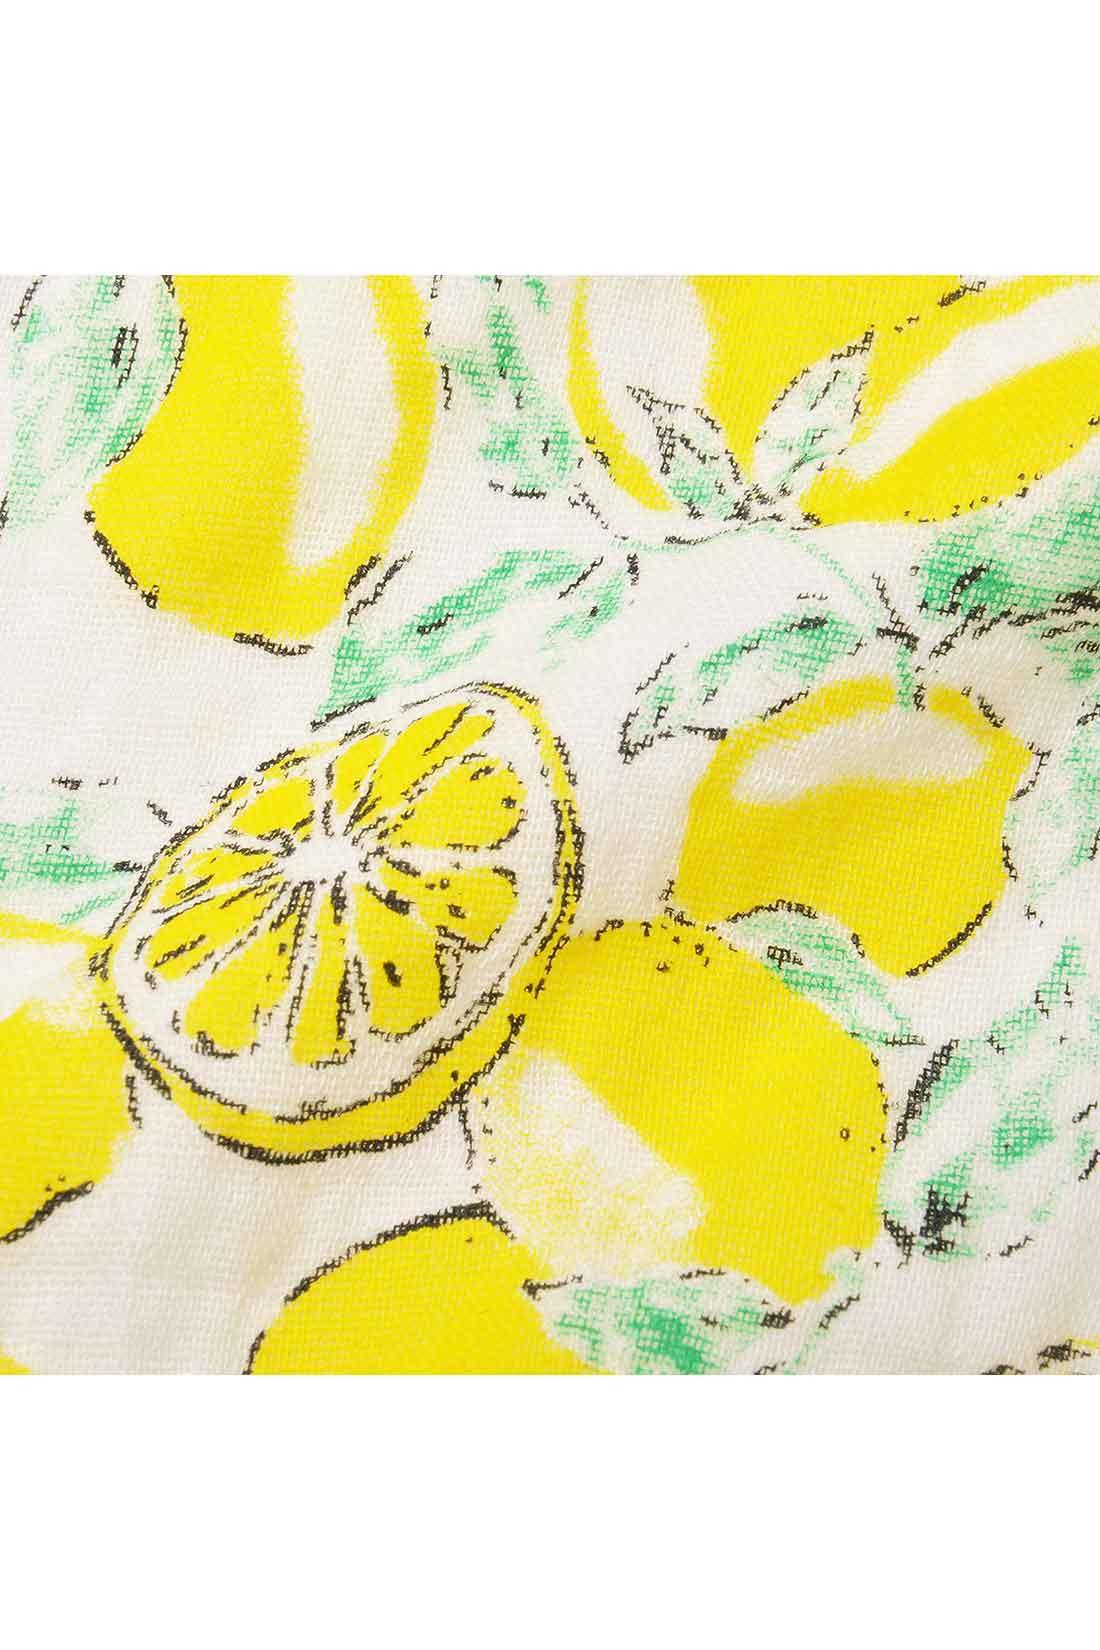 ダブルガーゼ素材の前身ごろは、ヴィンテージ調のレモンをモチーフにしたプリントの彩りが大人っぽい。